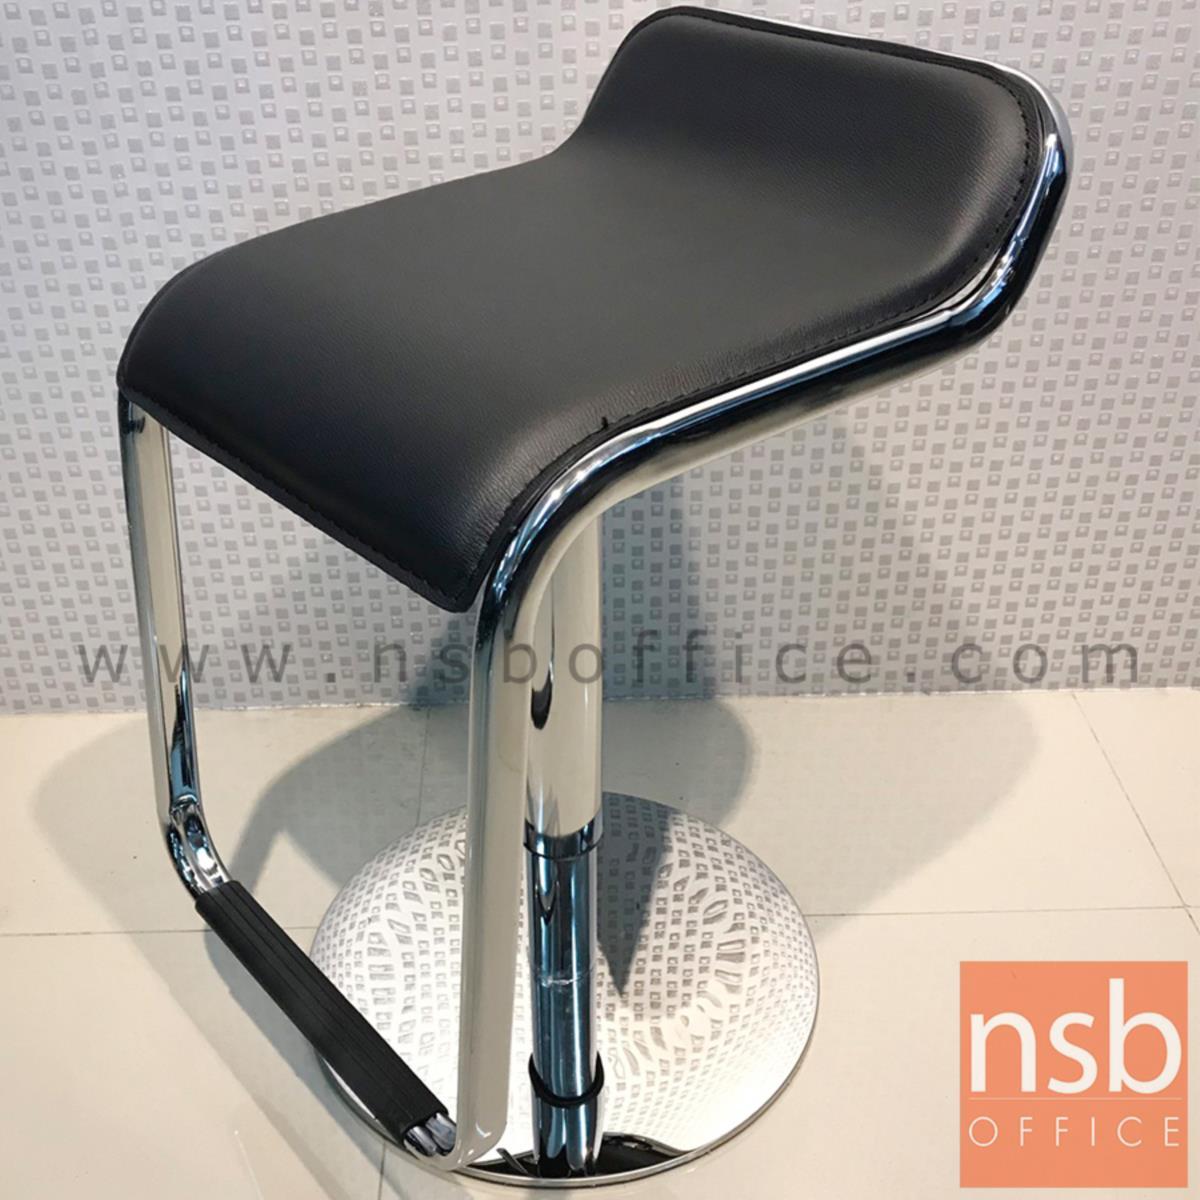 เก้าอี้บาร์สูงหนังเทียม รุ่น Shasta (ชาสต้า) ขนาด 35W cm. ฐานสเตนเลสแผ่นเรียบ (งานโรงแรม)